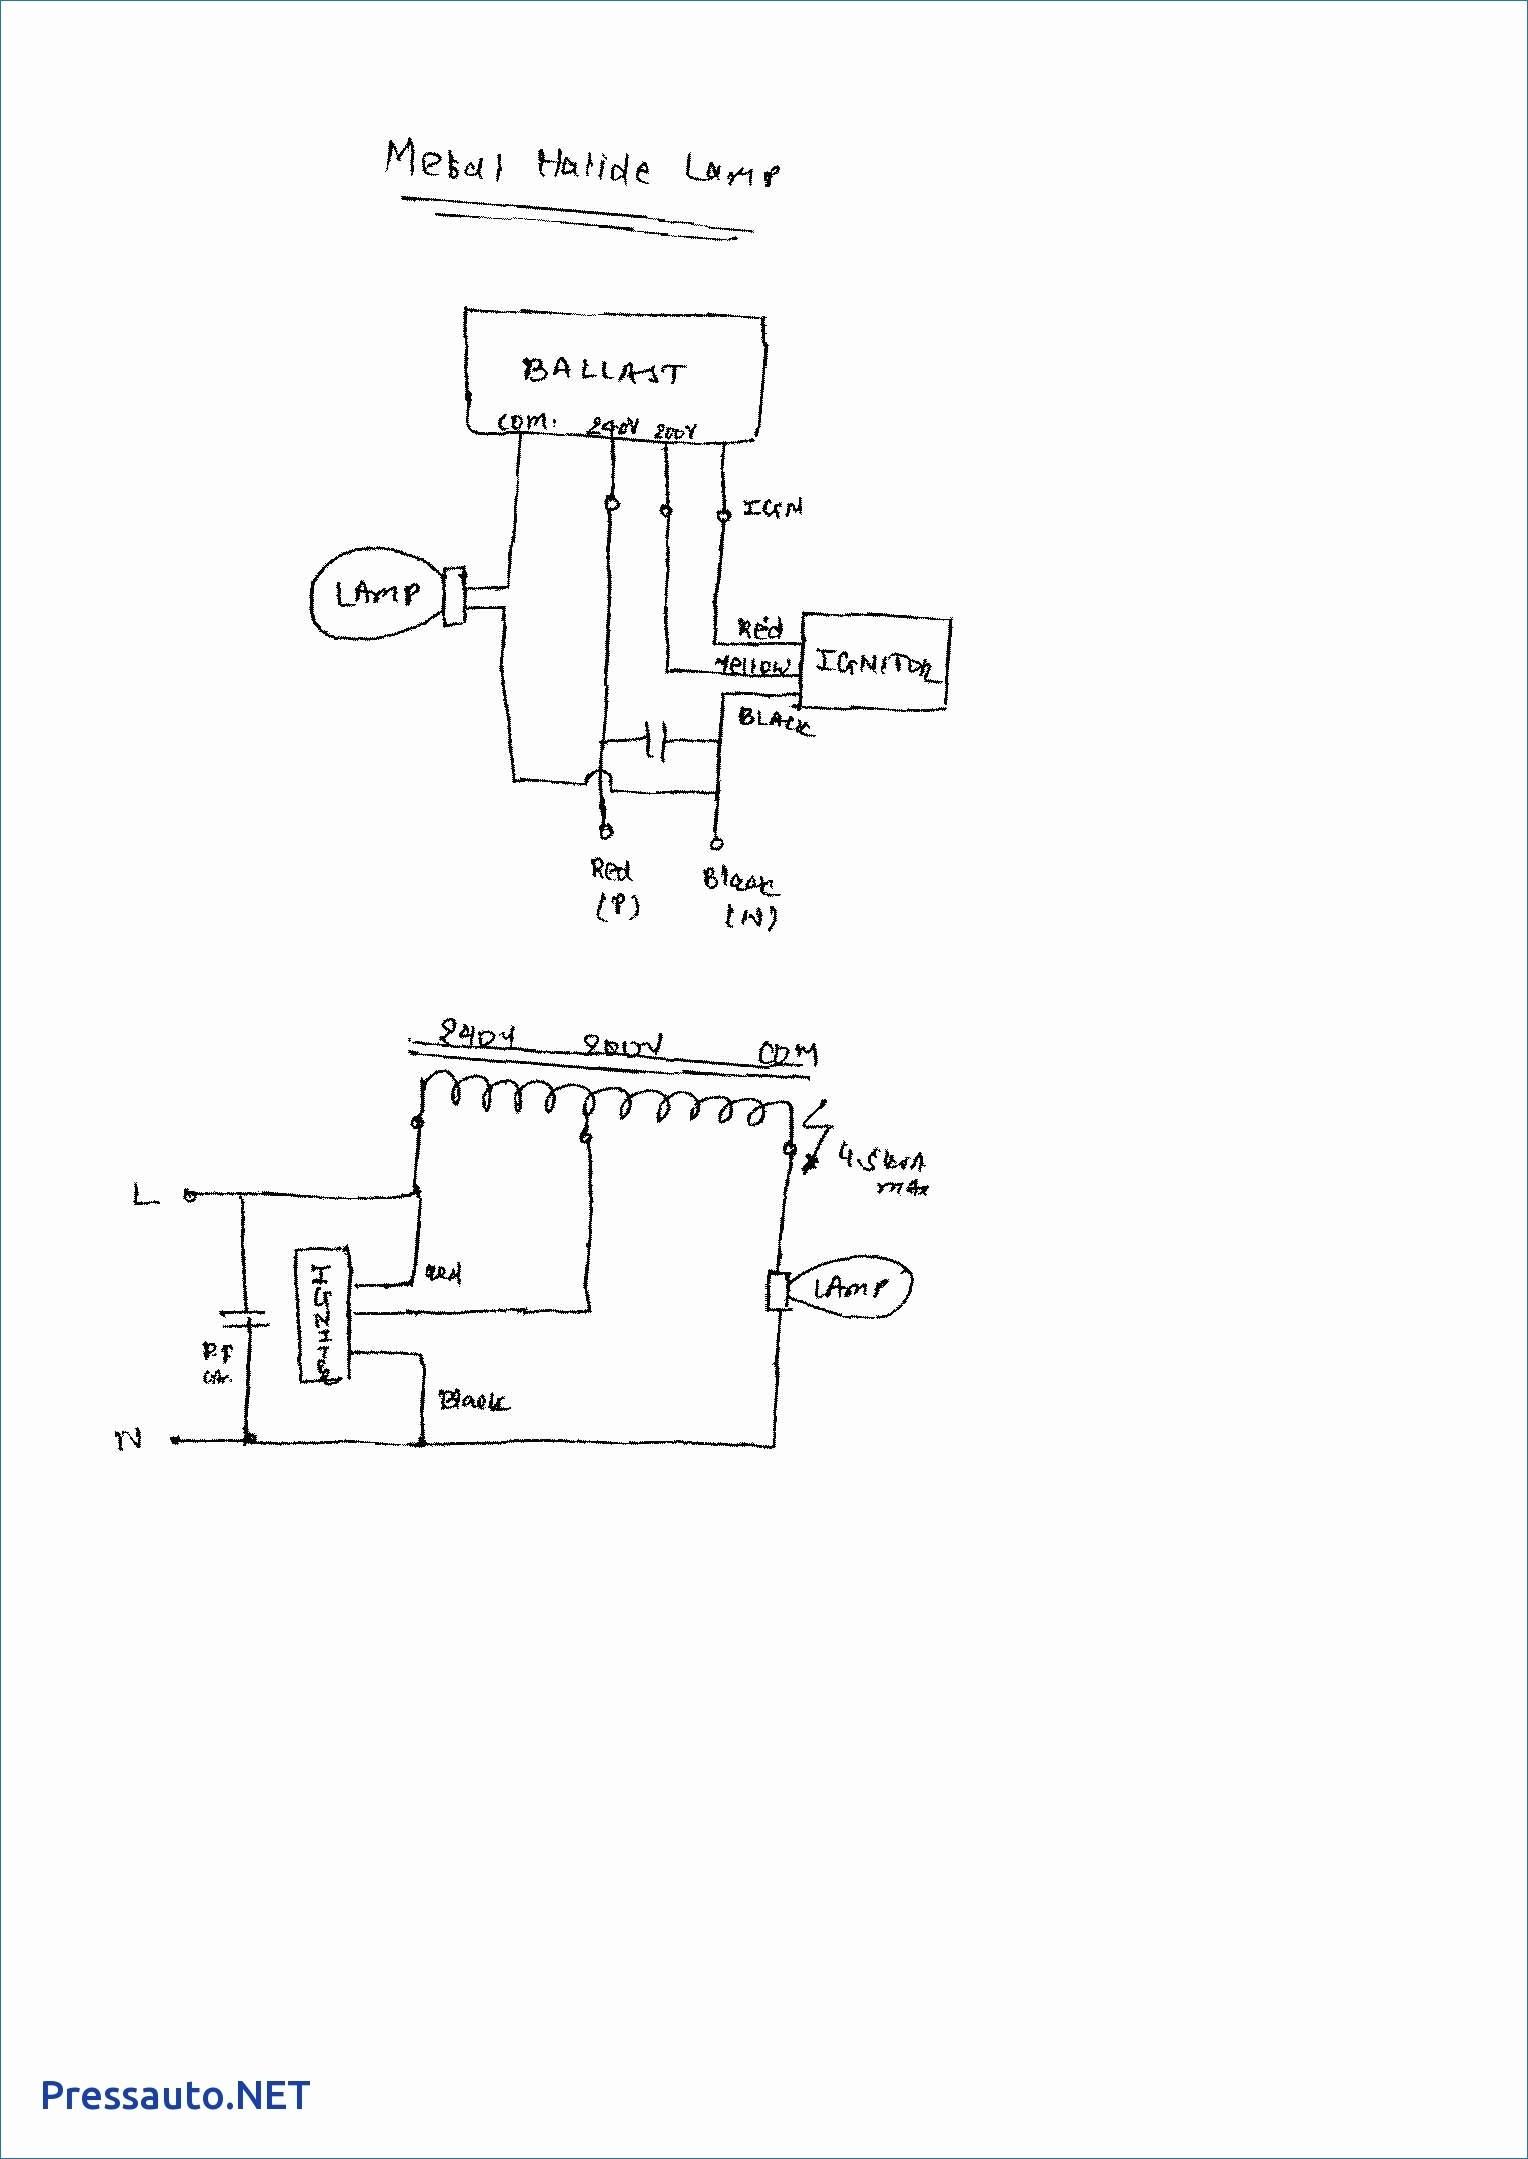 Philips Advance Ballast Wiring Diagram Best Wiring Diagram 40 Best Advance Mark 7 Dimming Ballast Wiring